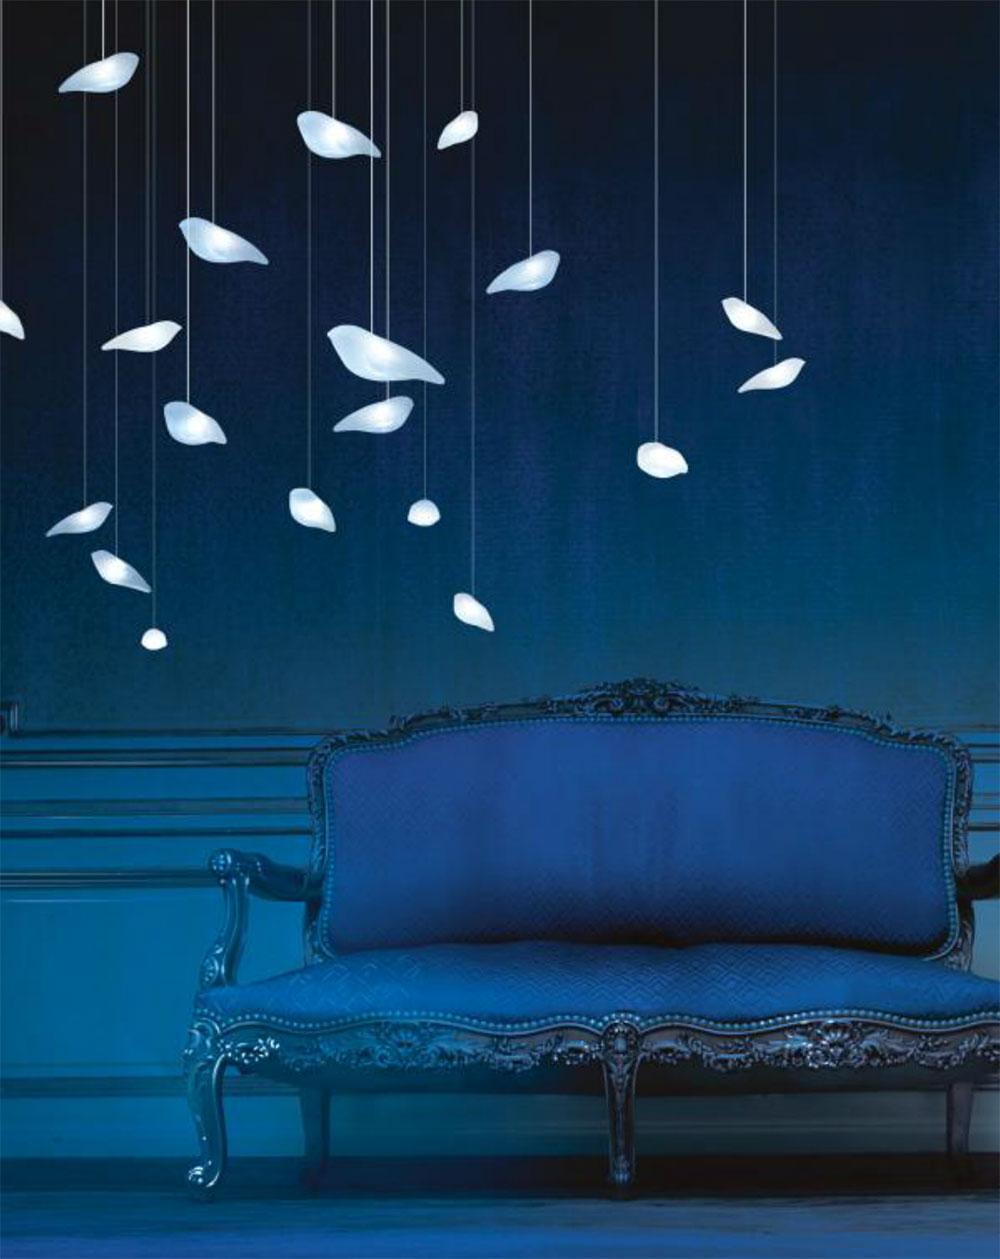 Oiseaux de Lune, LED banc pur 4600°K et blanc chaud 3300°K rose, puissance lumineuse 60 lumens - 7V © Beau & Bien